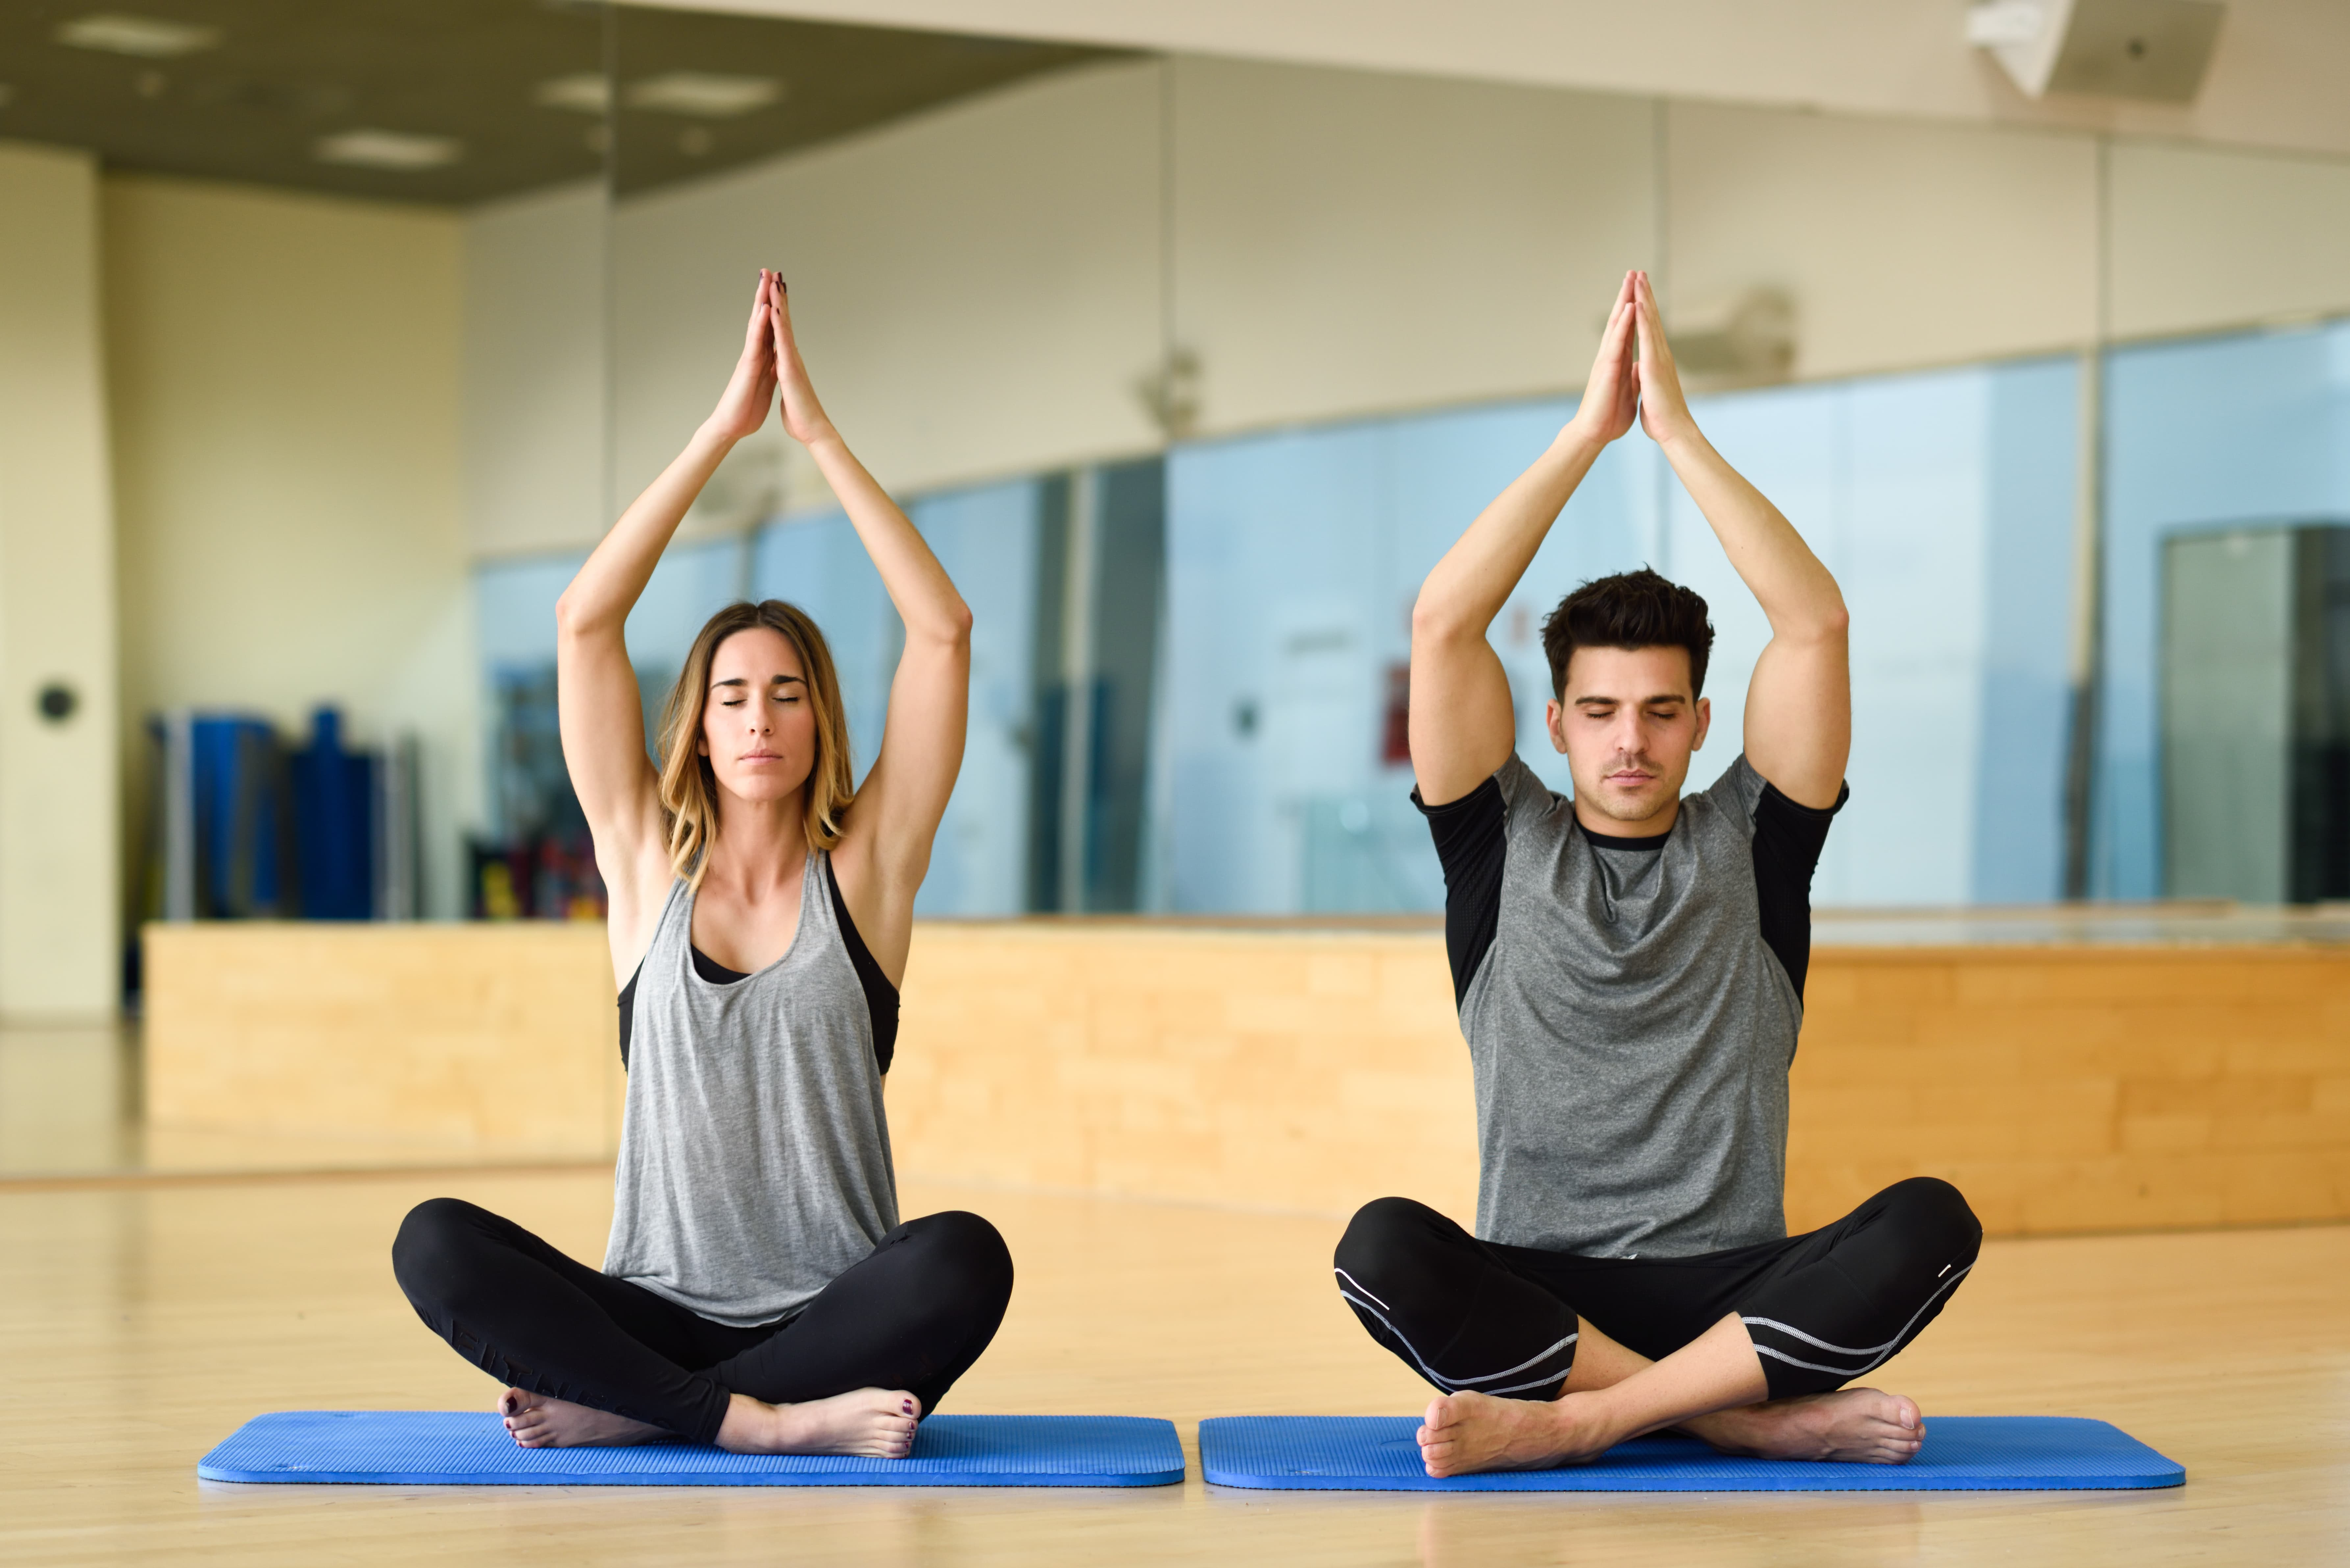 choisir son prof et son cours de yoga